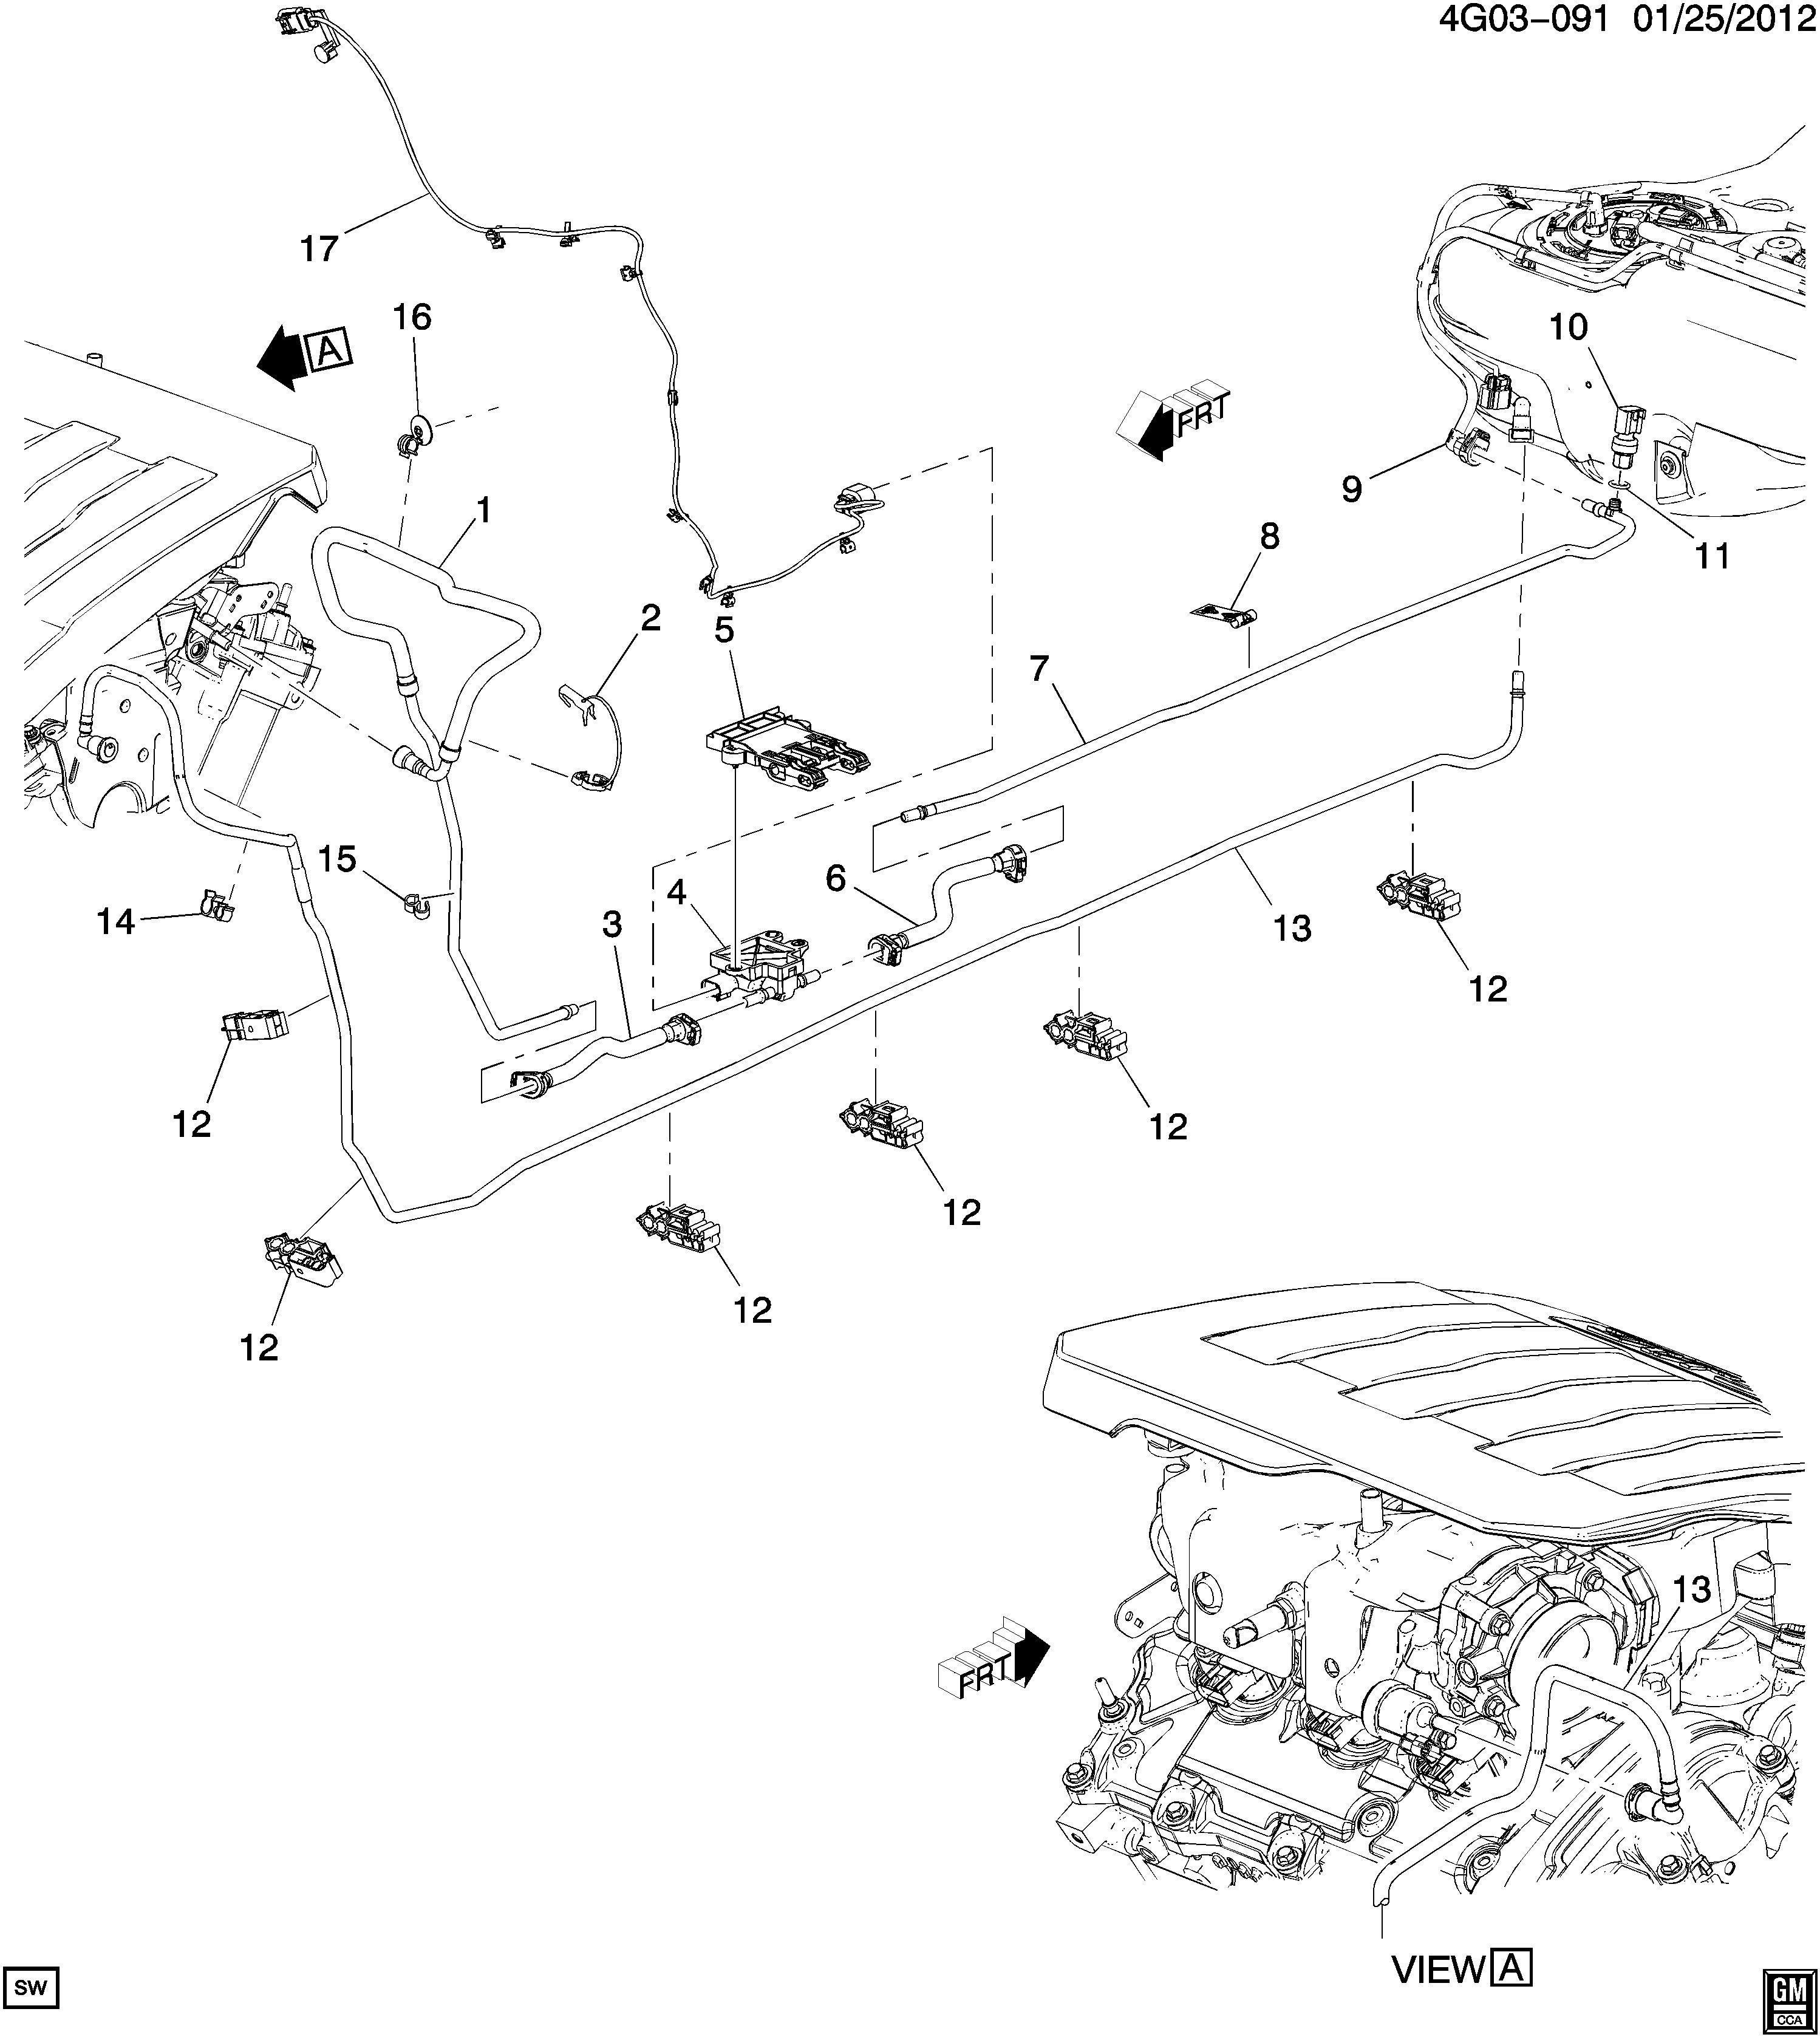 the engine diagram for gm v6 vvt engine